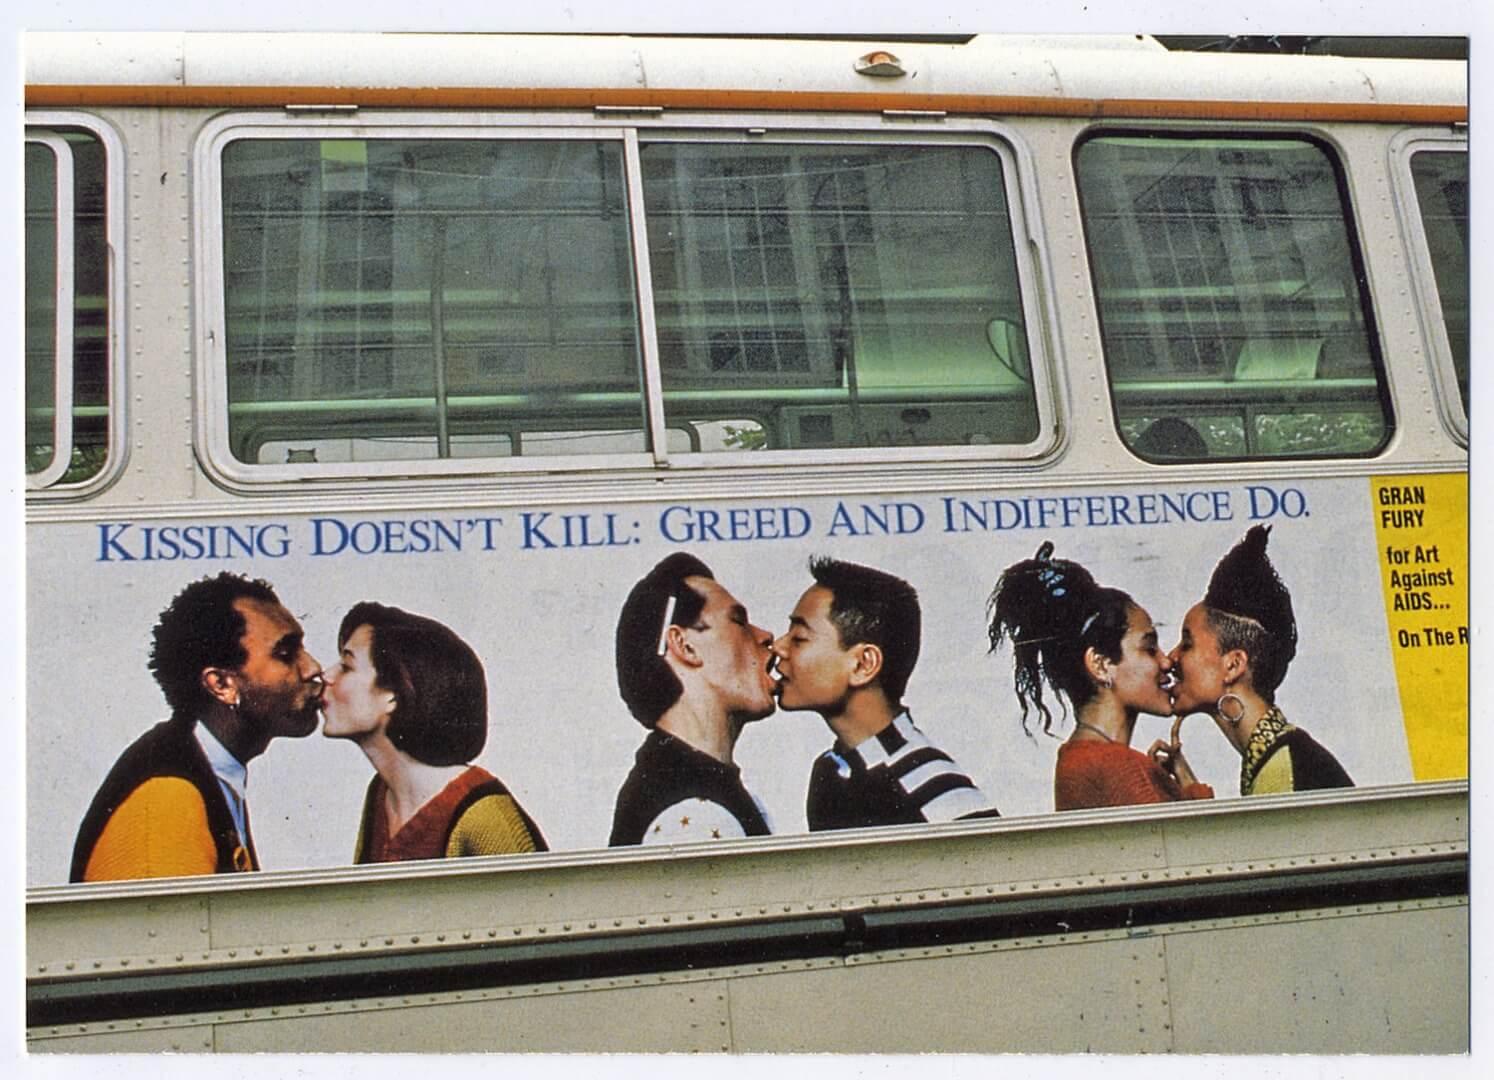 KDK+bus